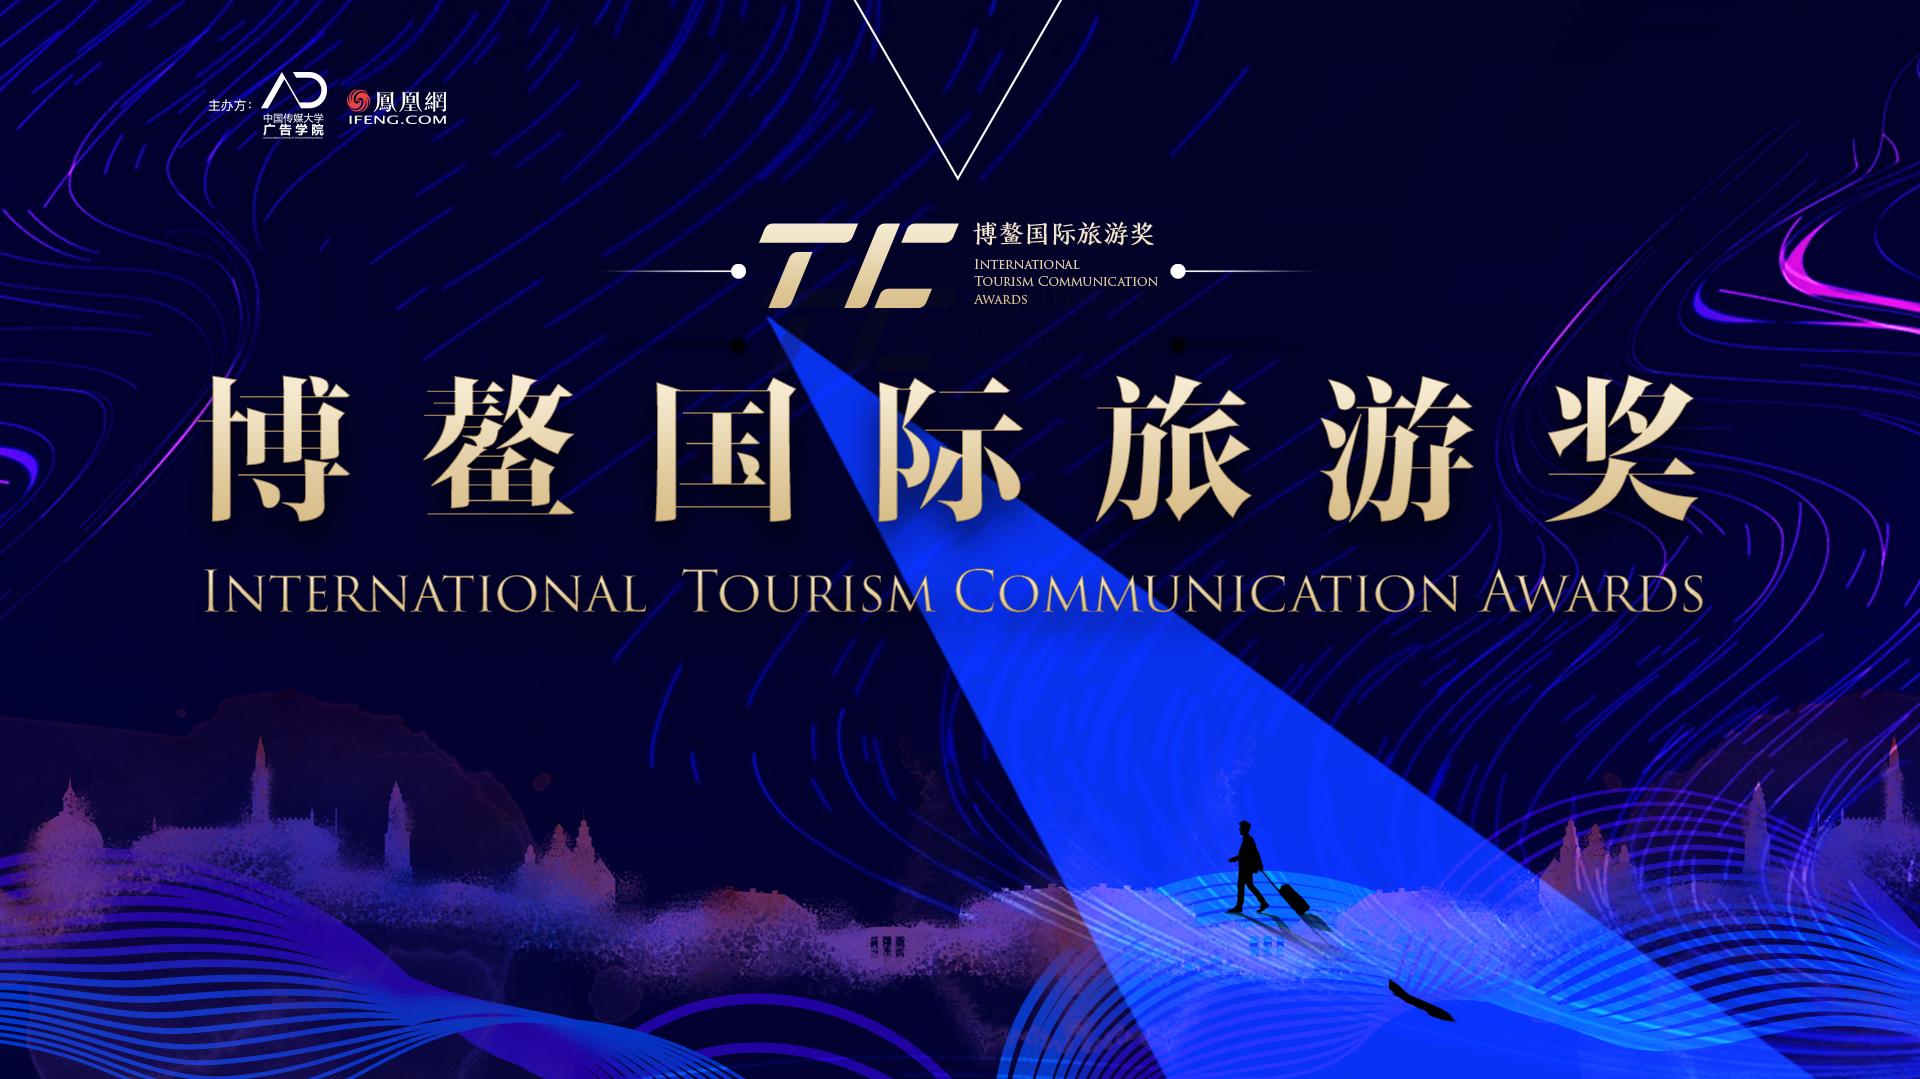 真正的精品目的地有多好玩,博鳌国际旅游奖为你揭晓